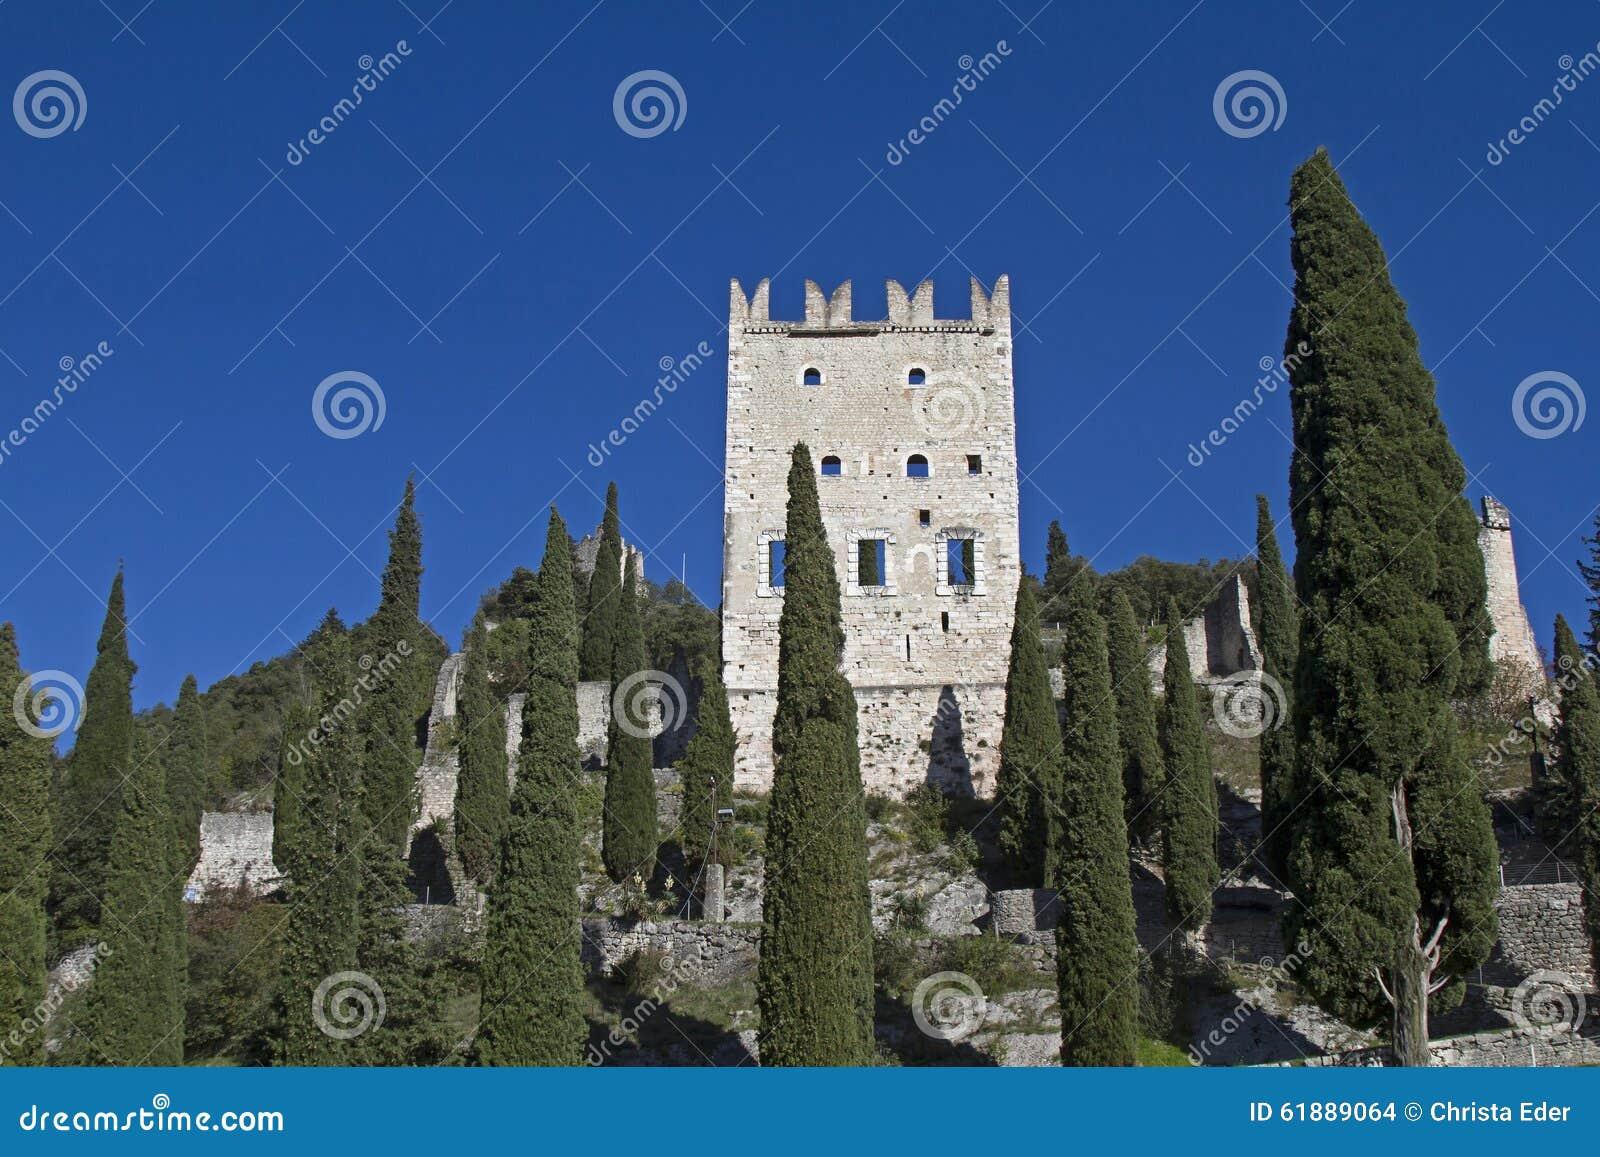 Castellodi Arco in Trentino